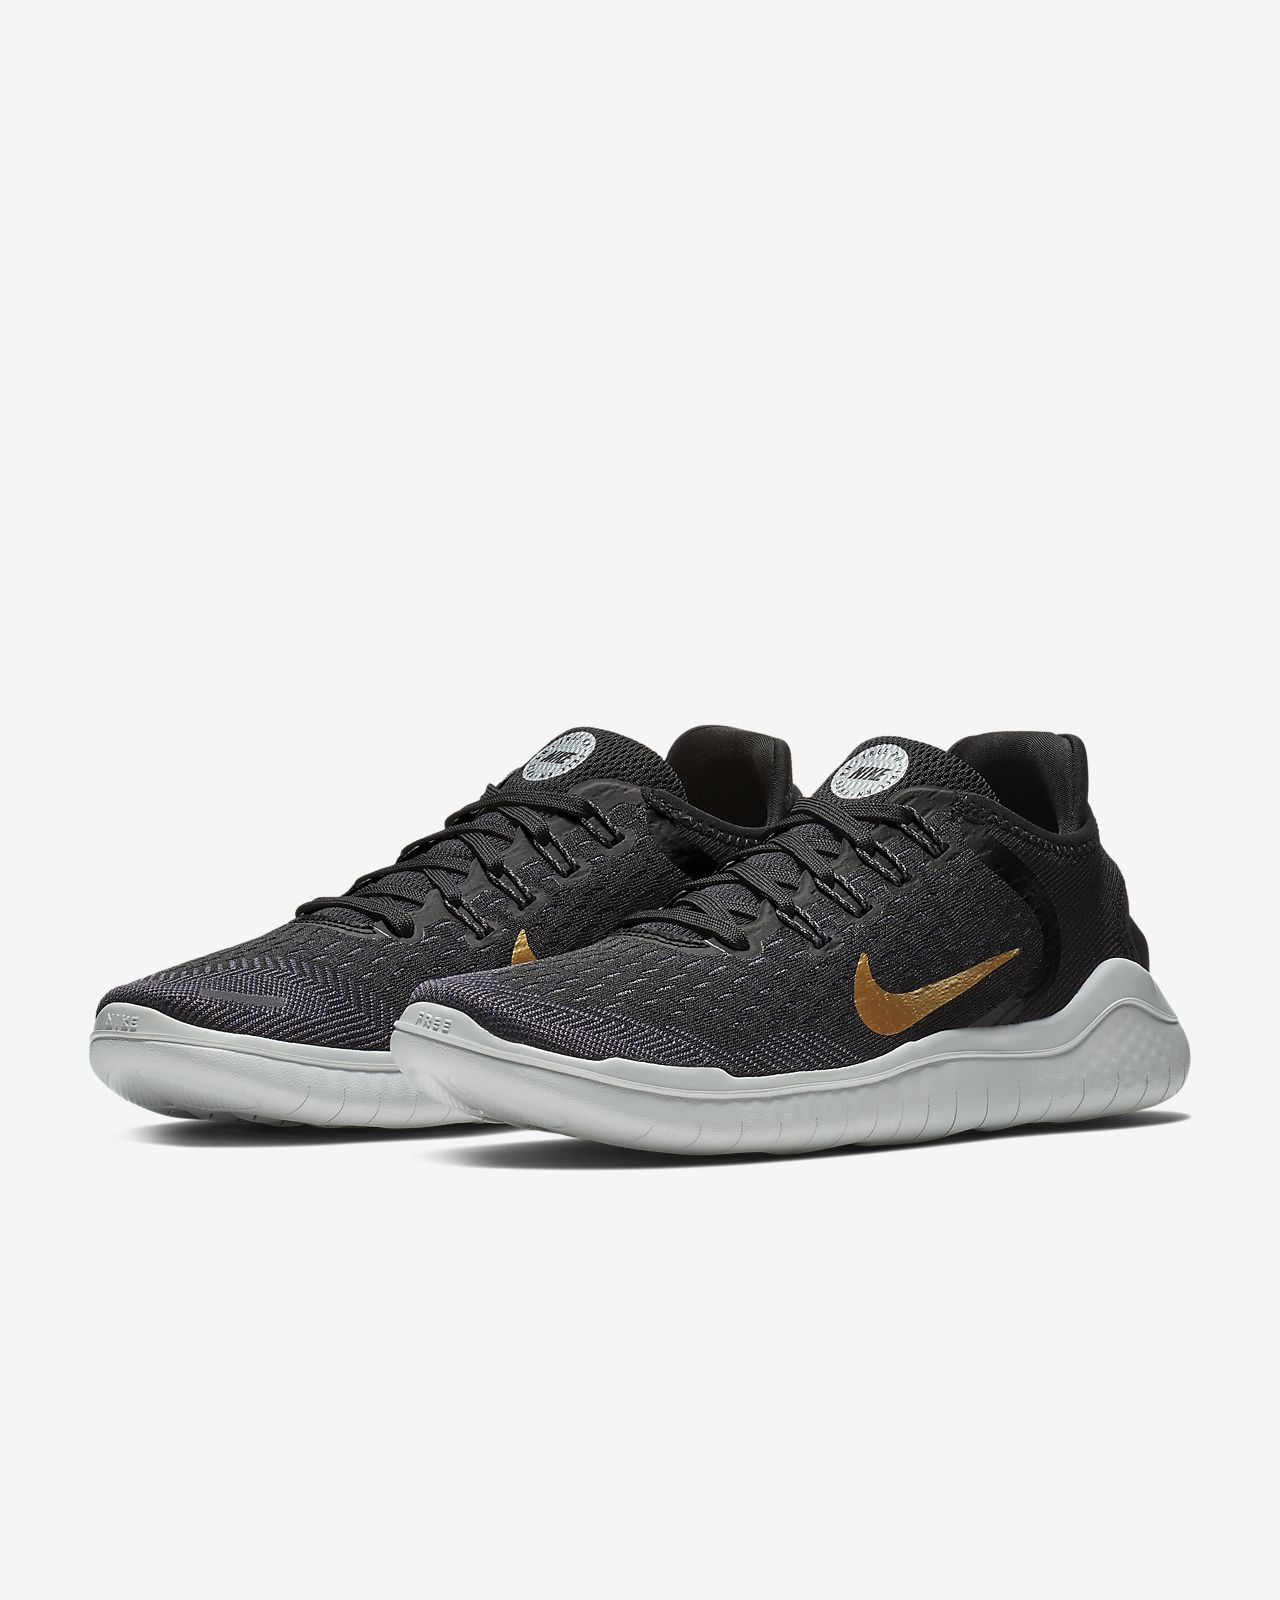 premium selection b1fa1 26a6b Nike Free RN 2018 Women's Running Shoe. Nike.com